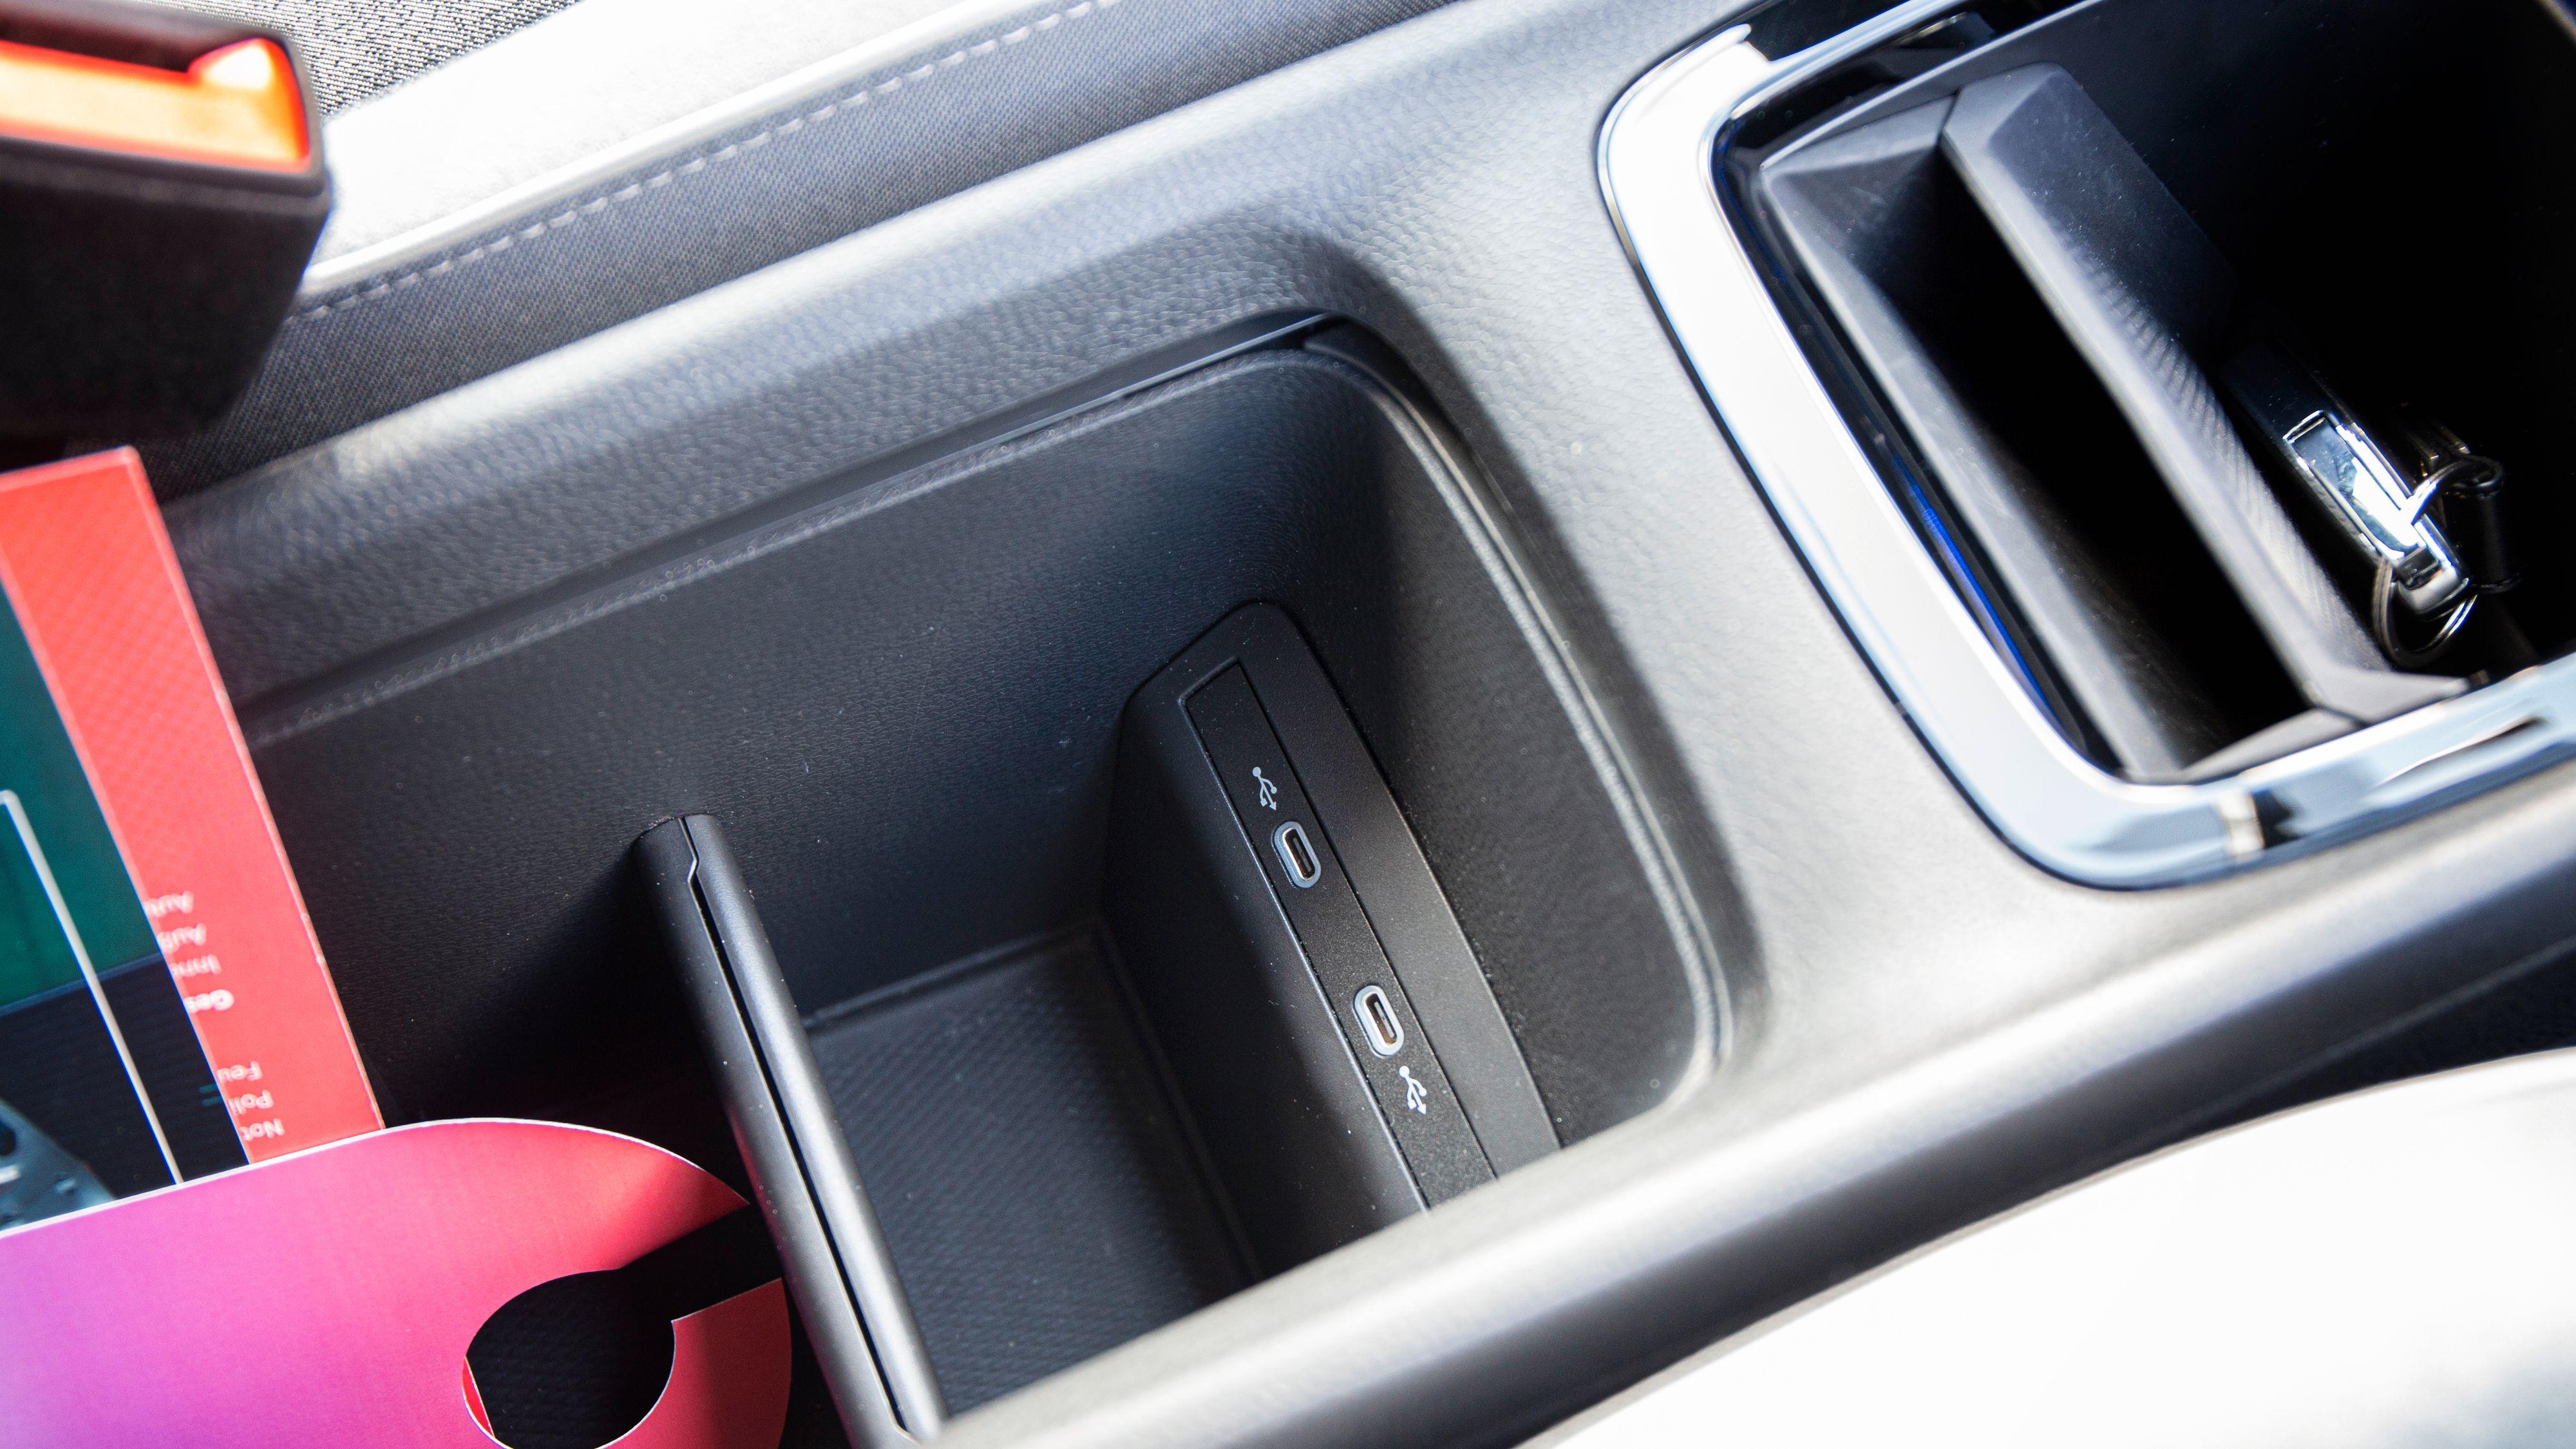 To USB-C-porter mellom setene. Trådløs lading av mobil er tilvalg, og ligger i den lille glippa ved siden av nøklene på bildet.